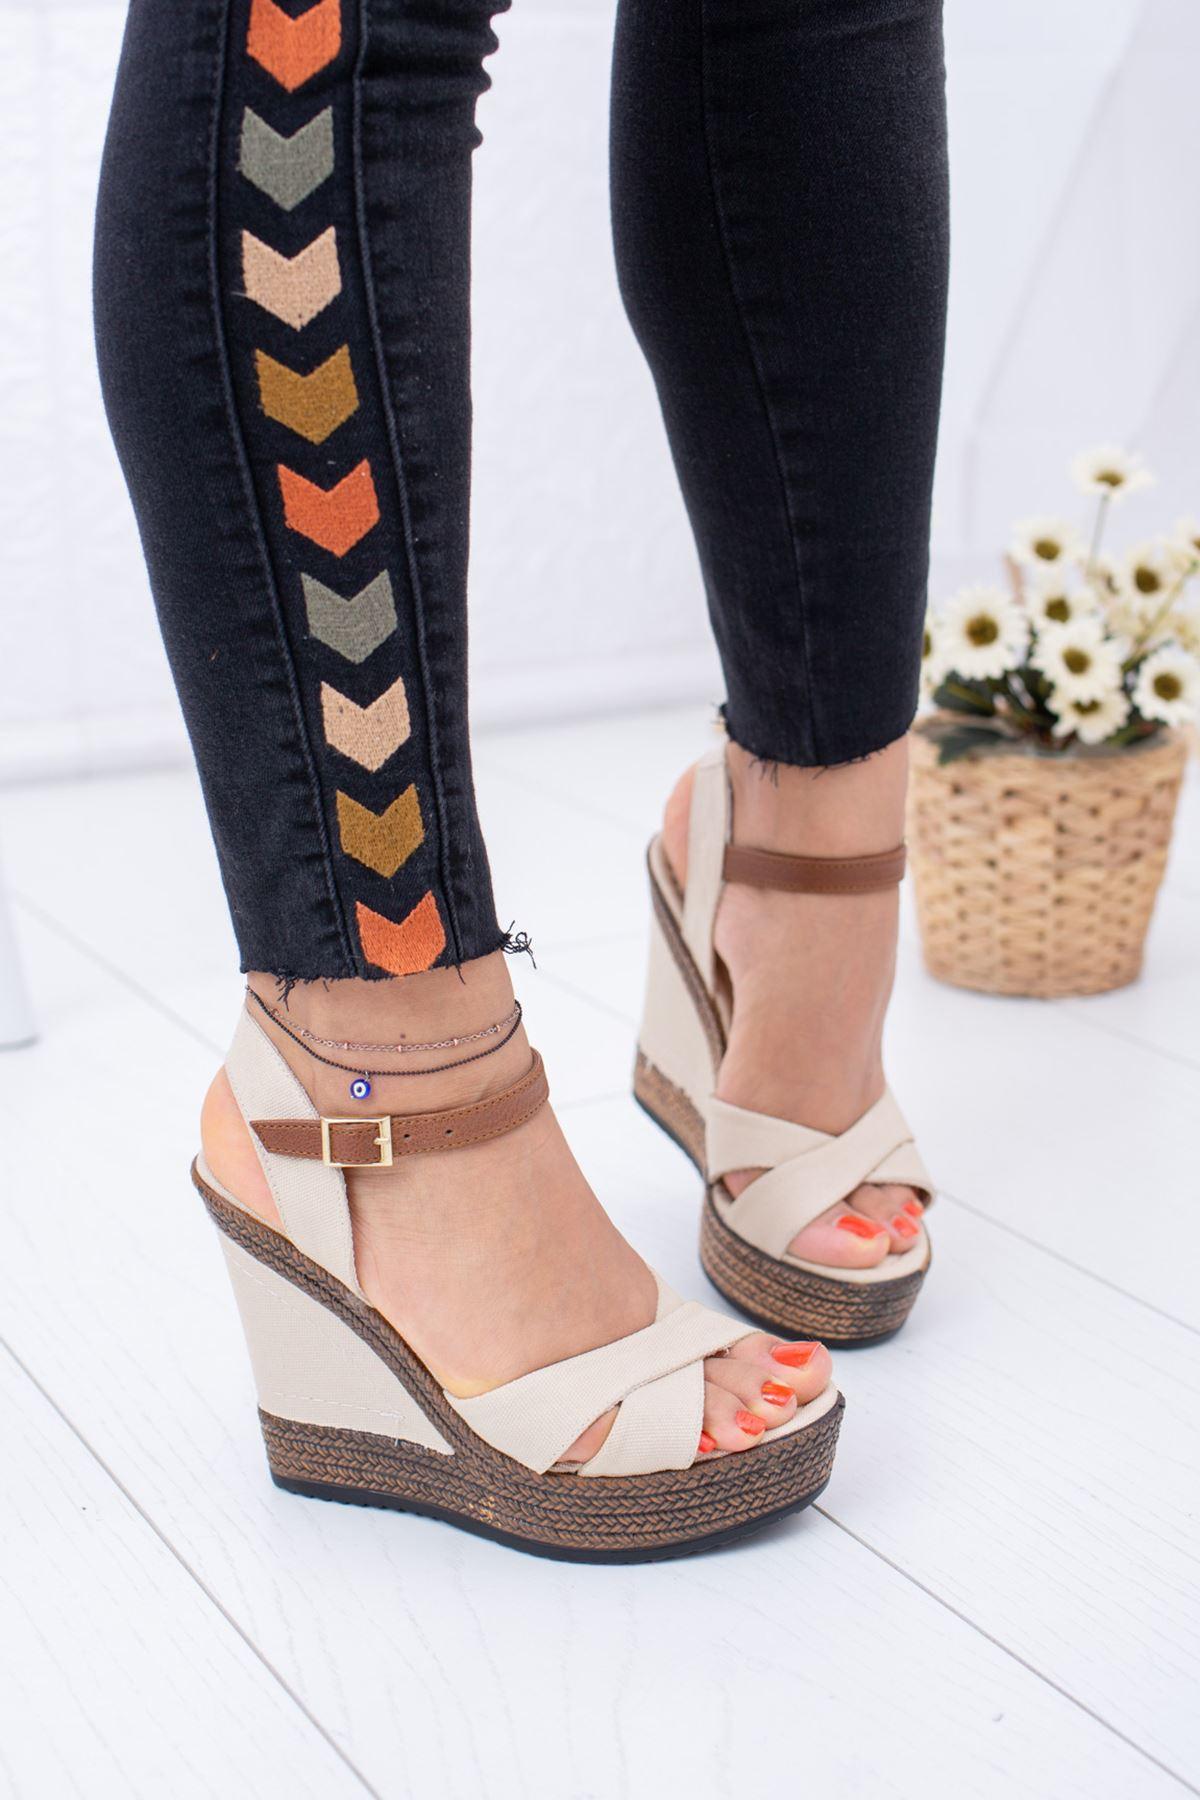 Dolgu Taban Ten Keten Sandalet